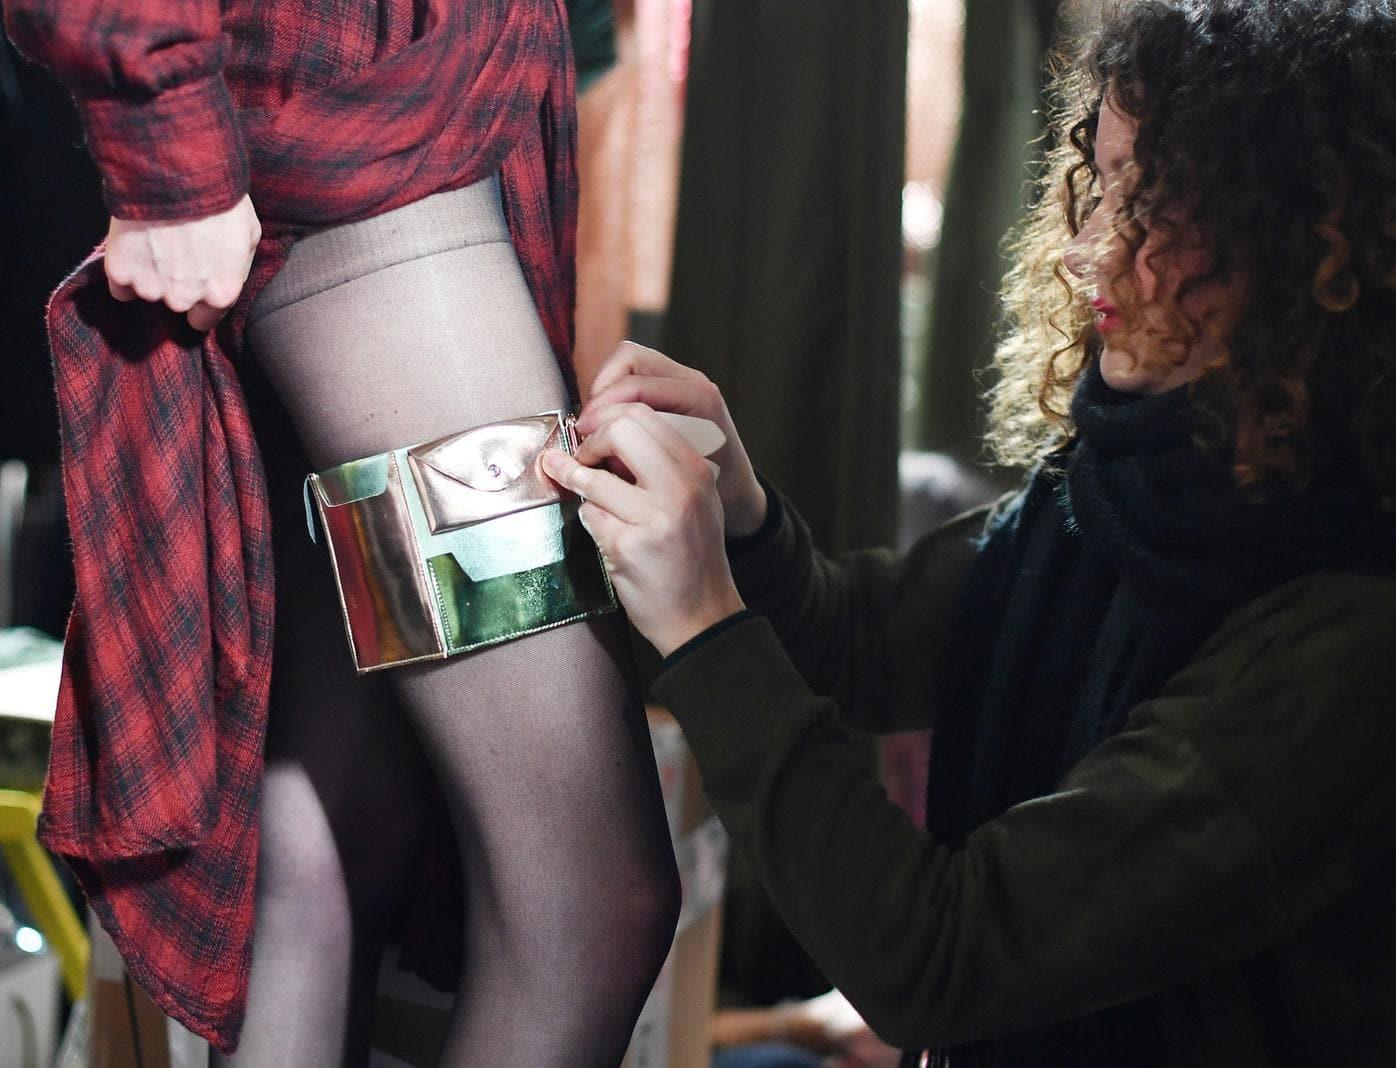 Kunststoff-Accessoires und glühende Hitze: Auf der Berliner Modewoche haben Labels wie Riani und Marina Hoermanseder bei hochsommerlichen Temperaturen ihre neuen Kollektionen präsentiert.</p> Foto: dpa